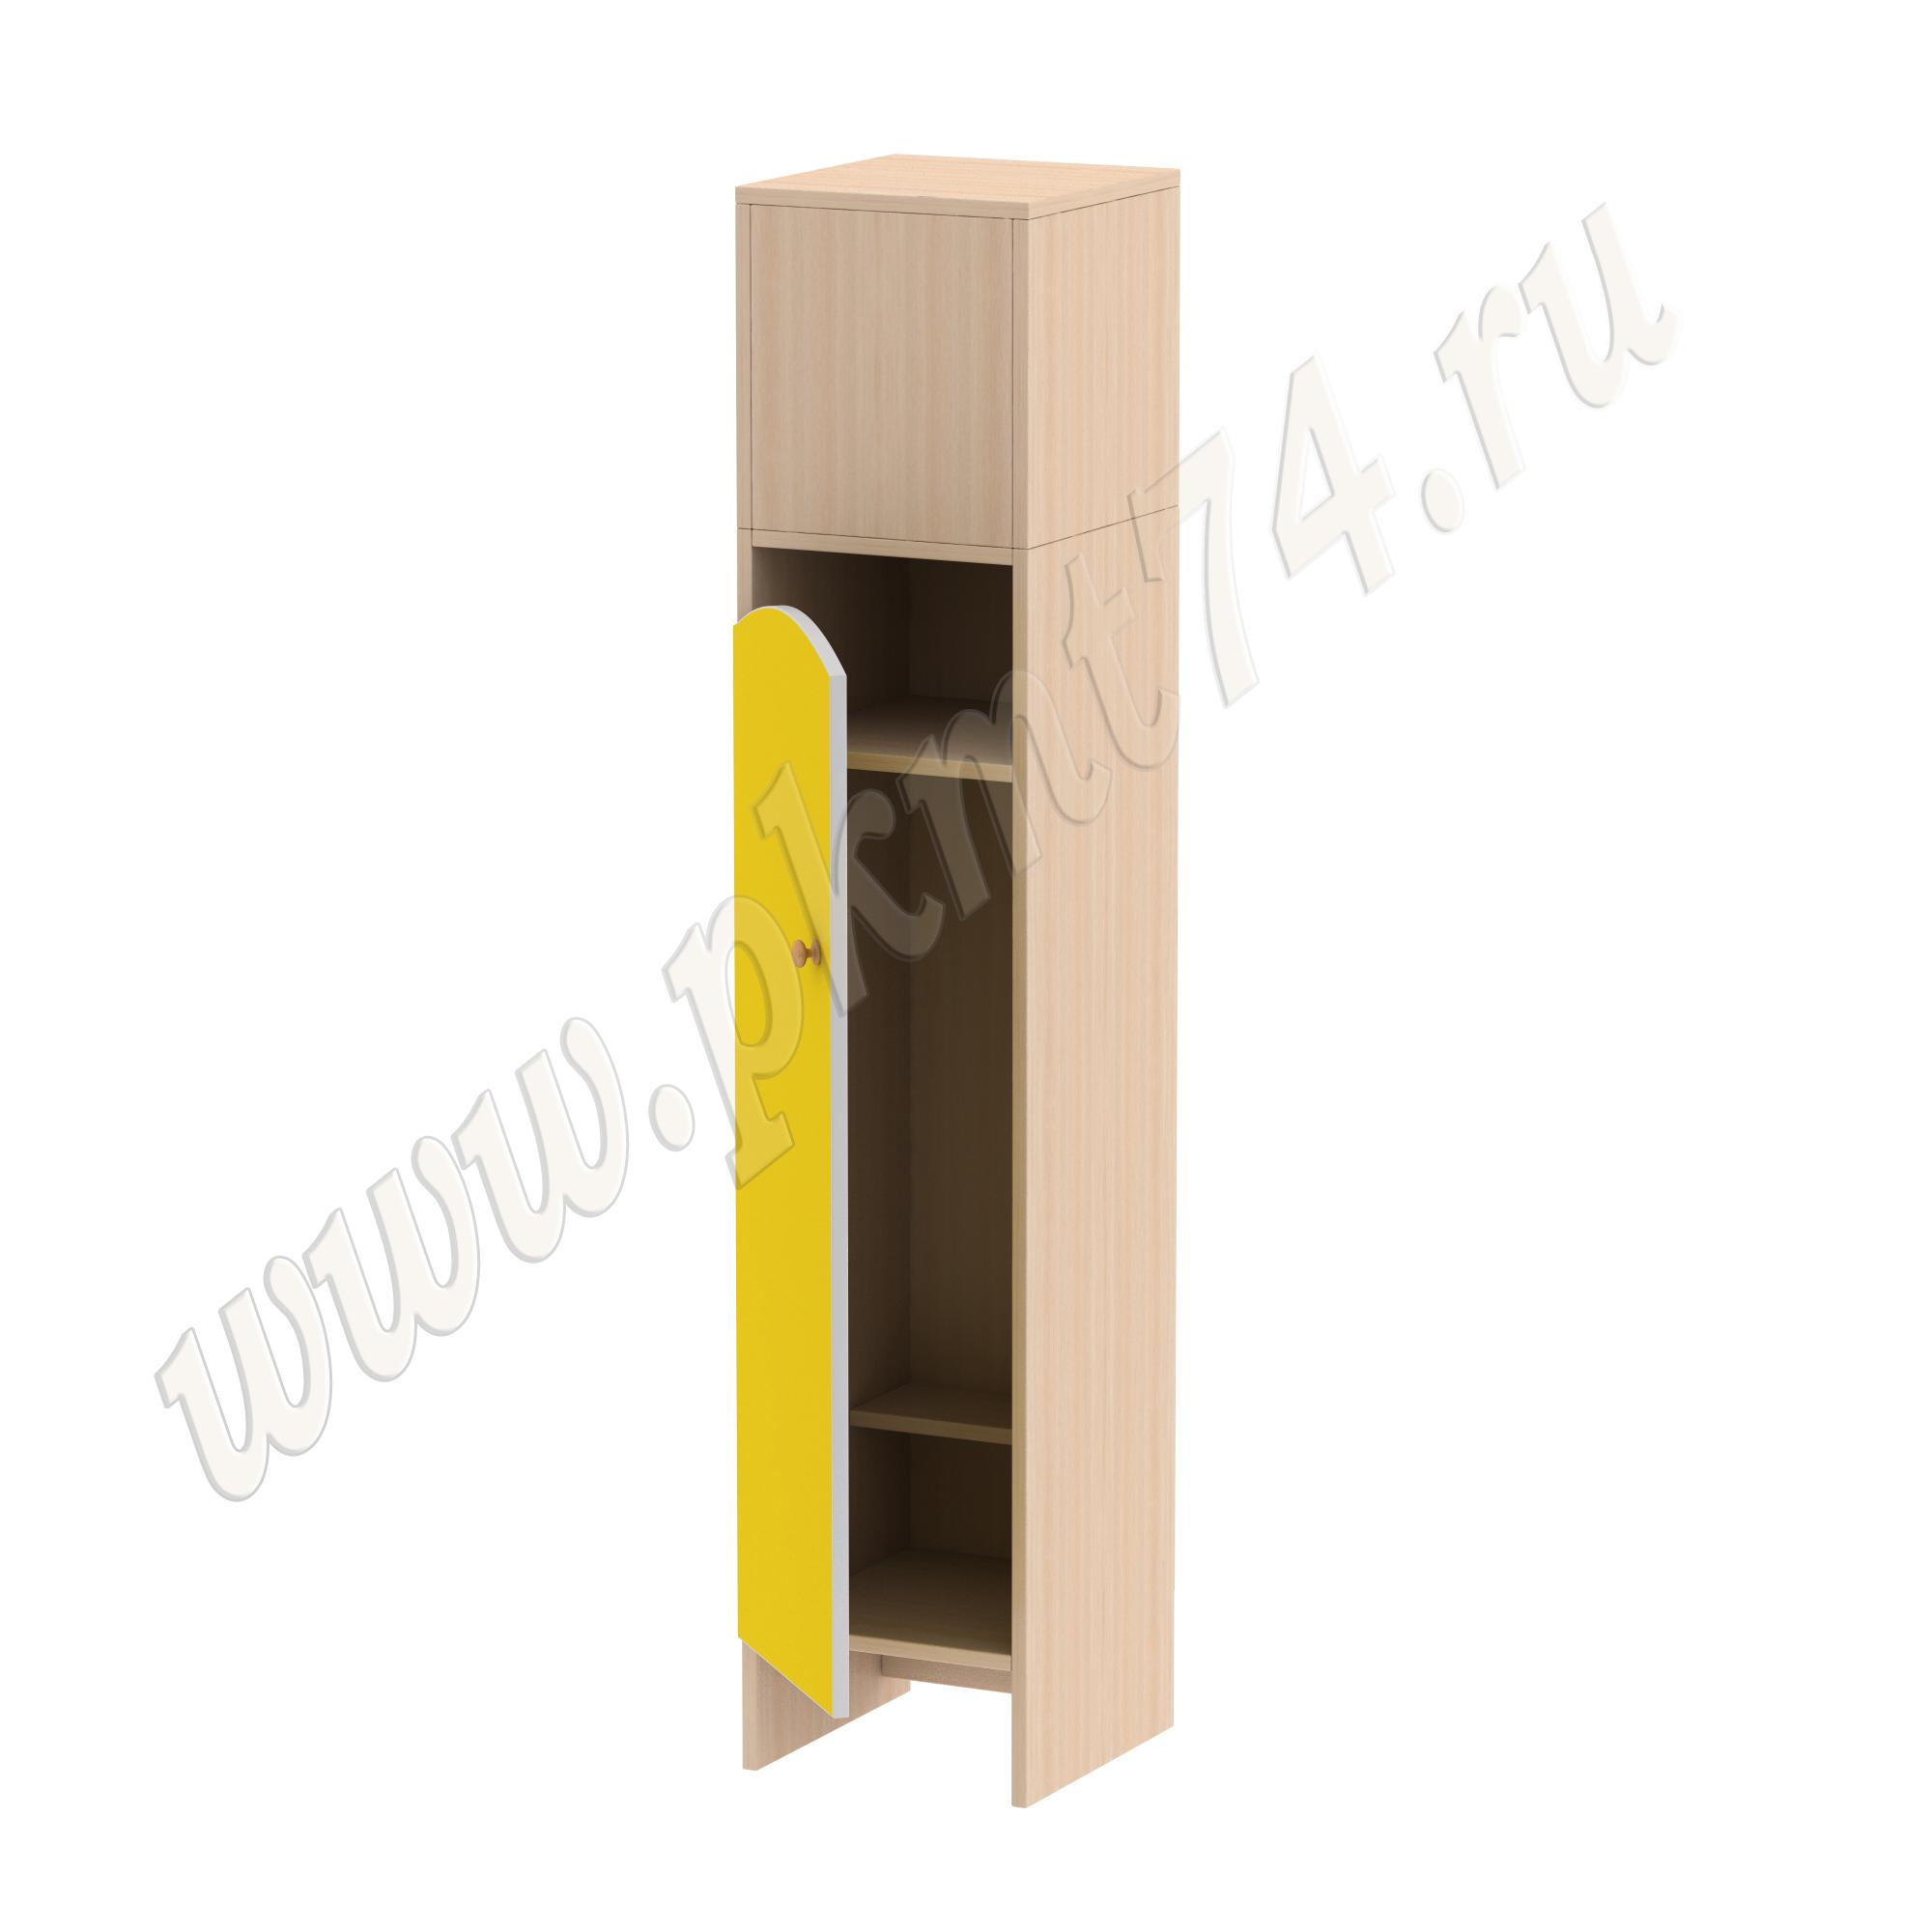 Шкаф для детской одежды Волна 1 МТ 17-99 Дуб Молочный-Желтый